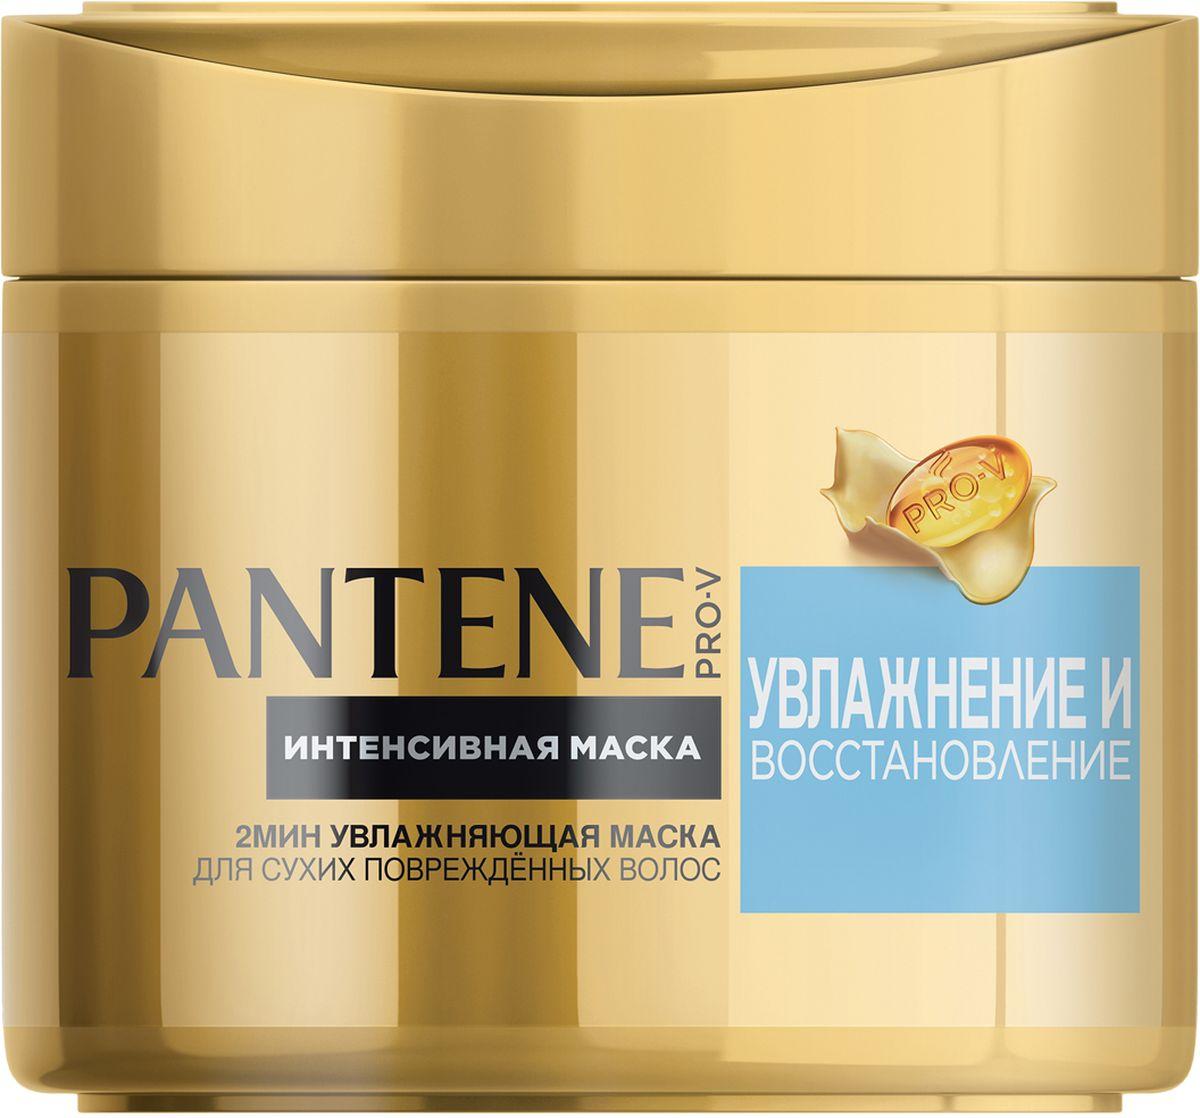 Pantene Pro-V Маска Увлажнение и восстановление, 300 мл8001090435811Наша интенсивная увлажняющая маска для сухих и истощенных волос, благодаря увлажняющим микроэлементам питает обезвоженные волосы, восстанавливая даже самые сухие участки волос.